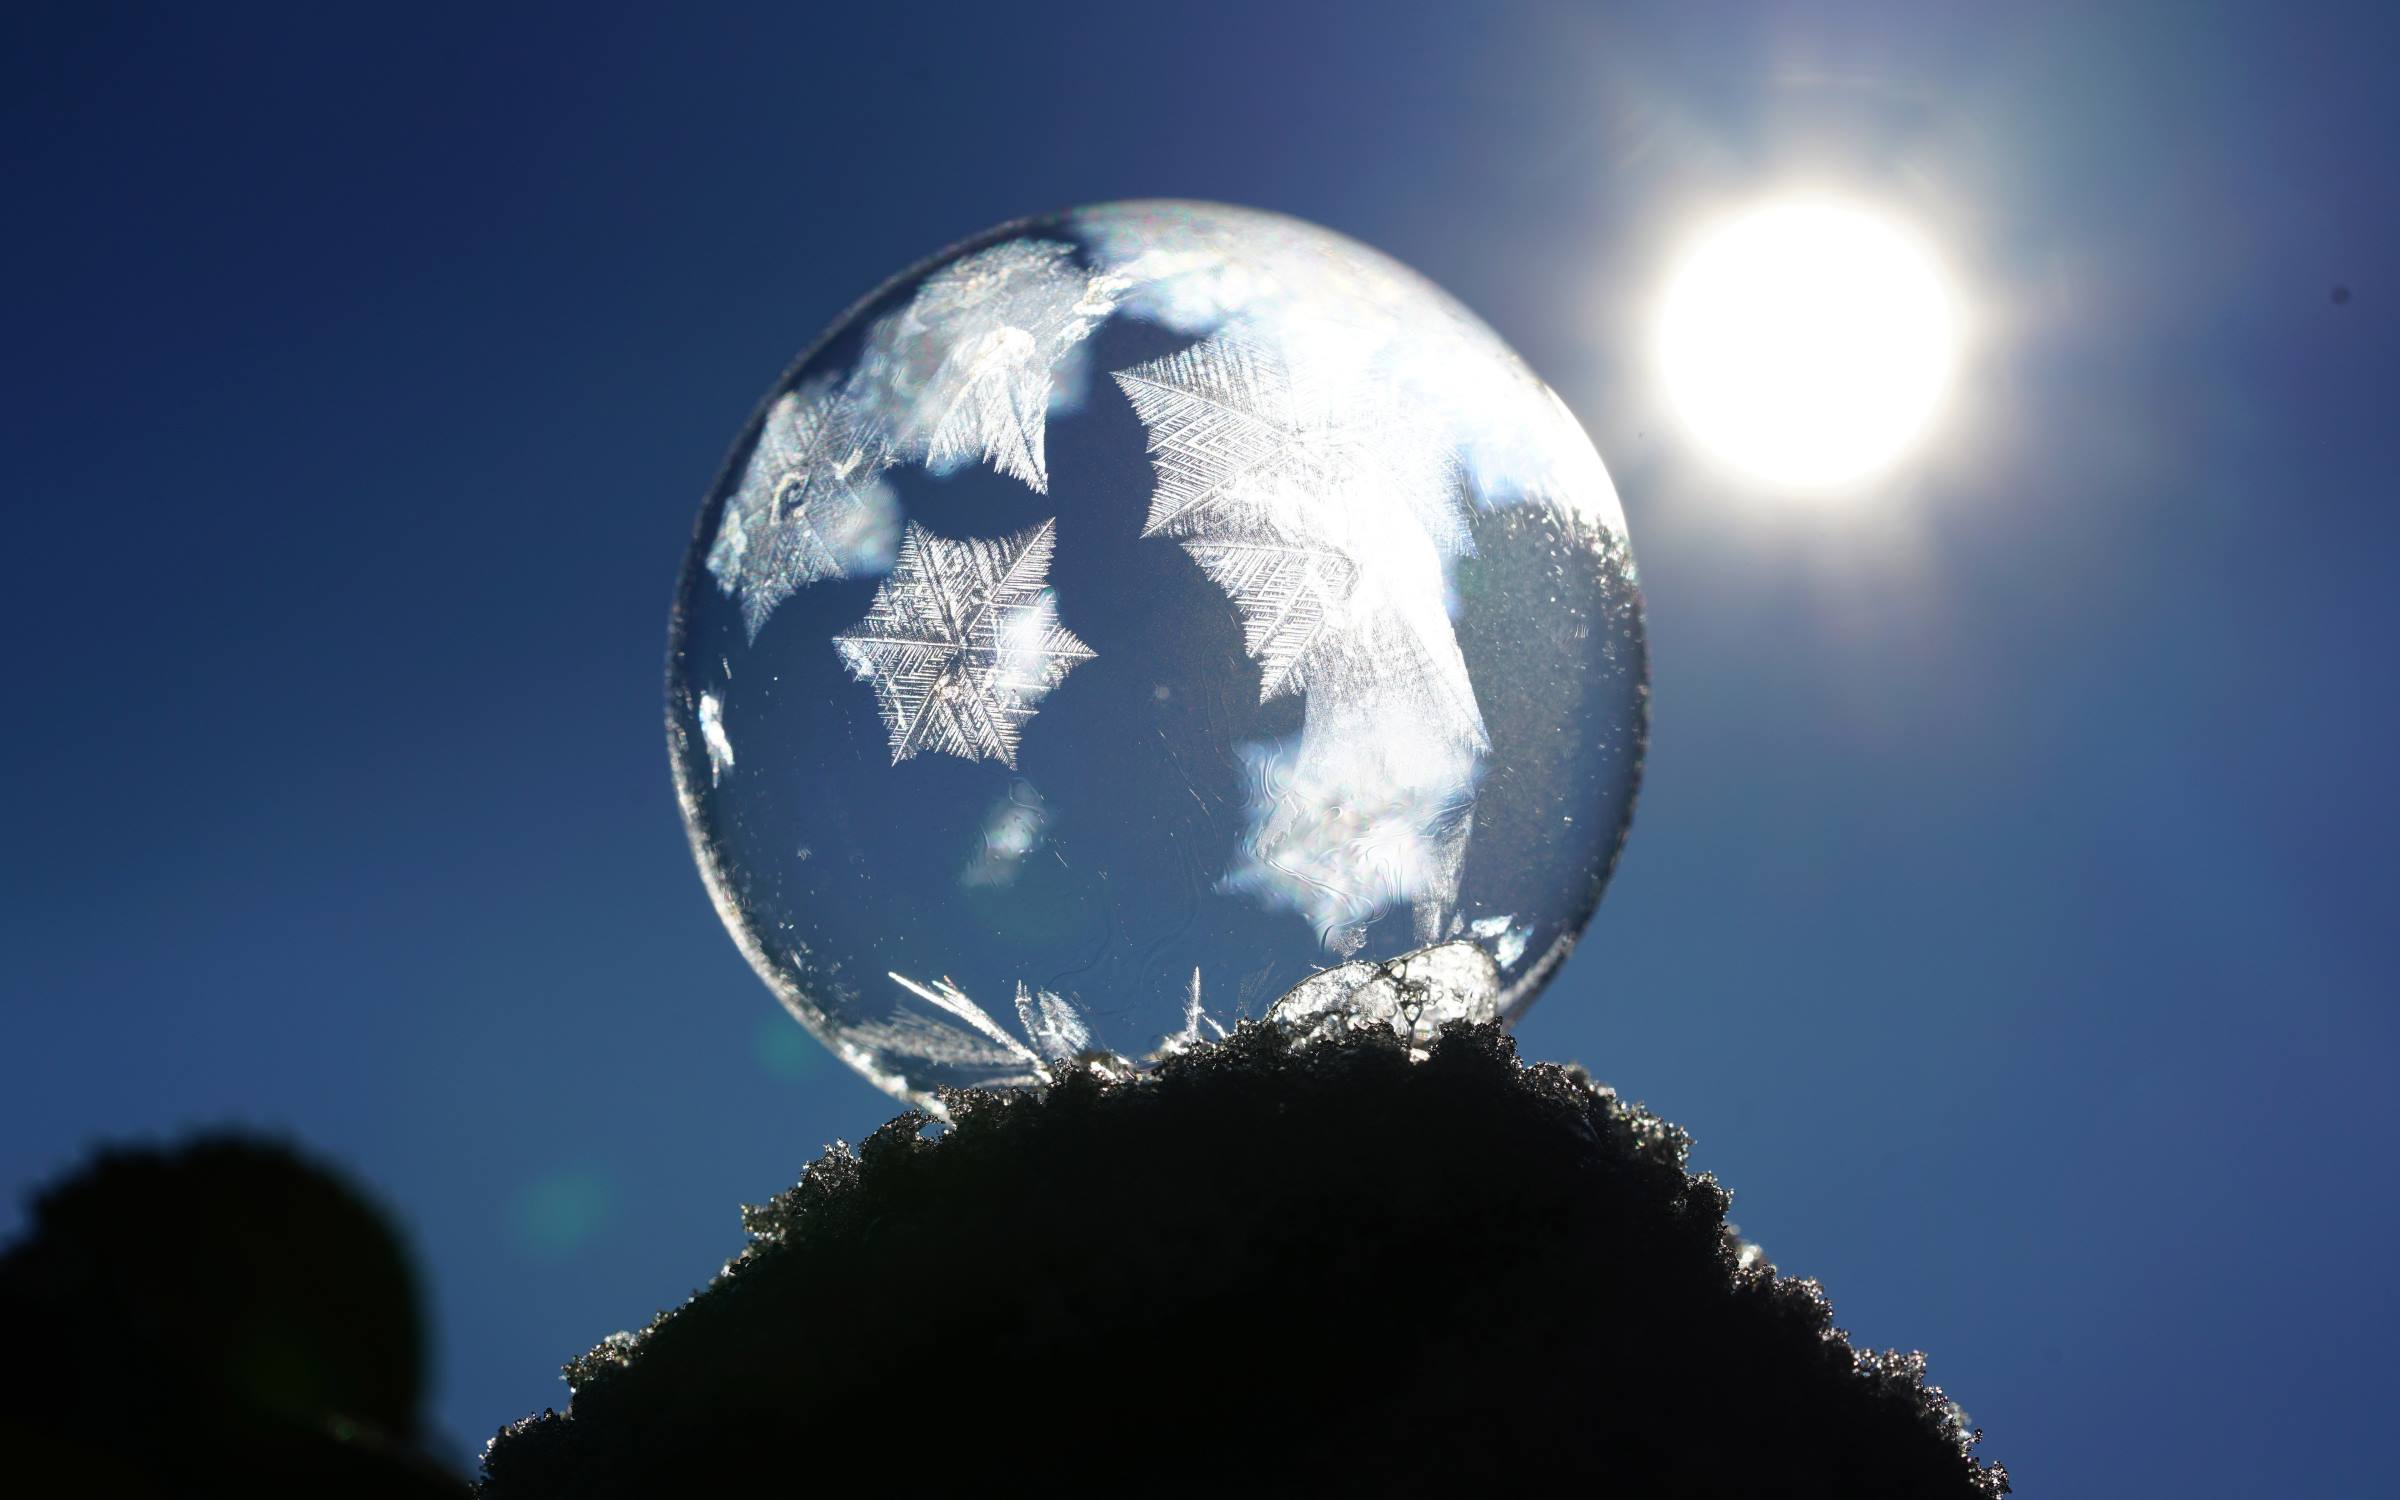 winter frozen bubble ice sun